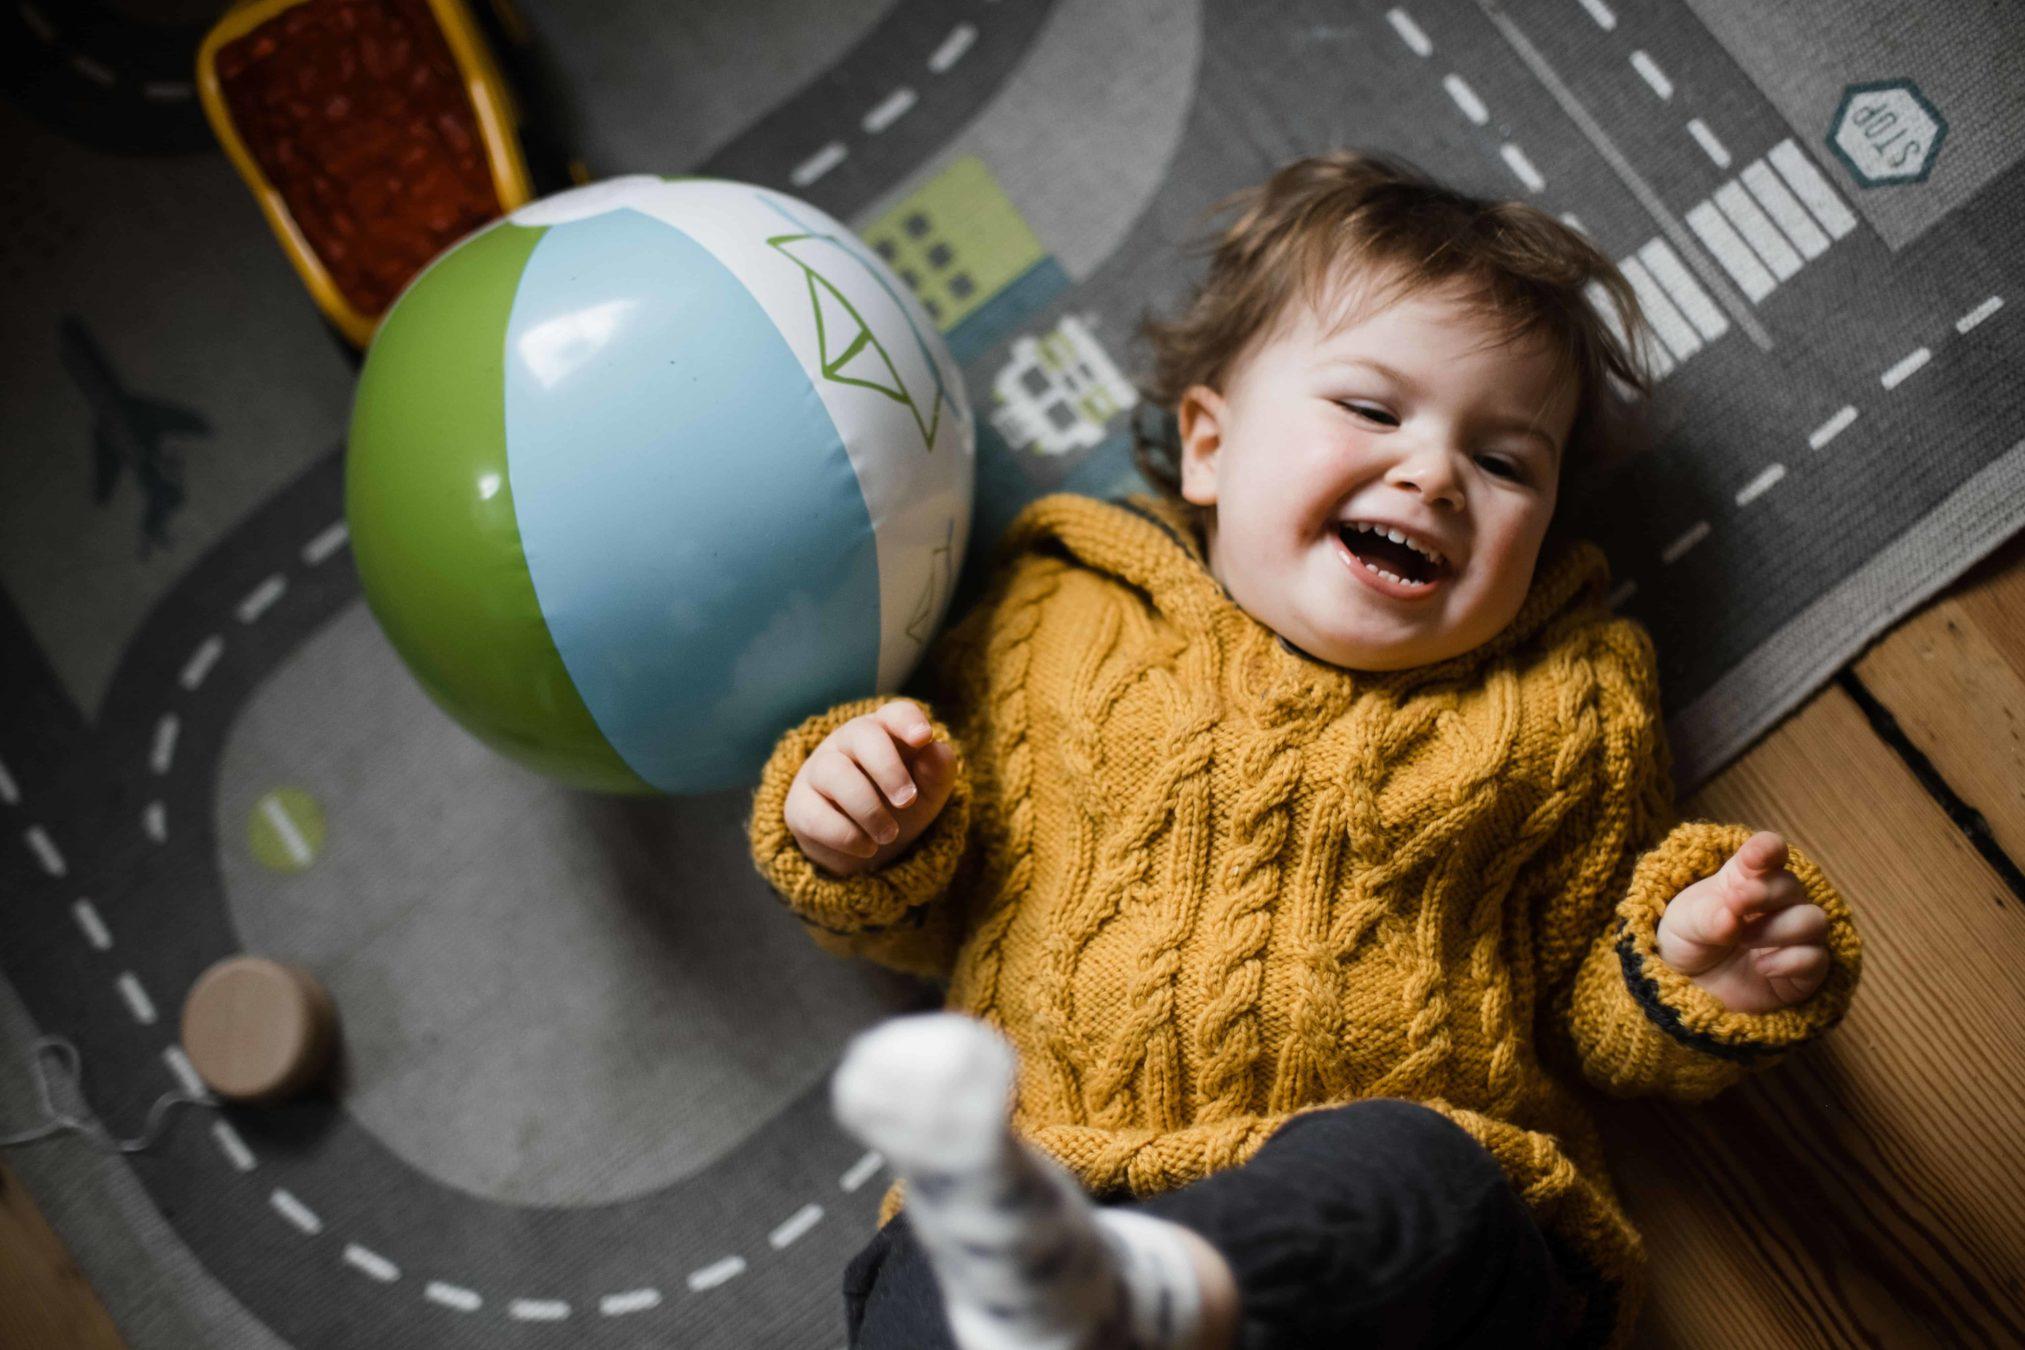 ein Kleinkind liegt mit dem Rücken auf einem Spielteppich, auf dem Straßen sind, es lacht und hebt dabi die Beine hoch, das Kind trägt einen gelben Strickpullover, neben dem Kind liegt ein aufgeblasener Gummiball